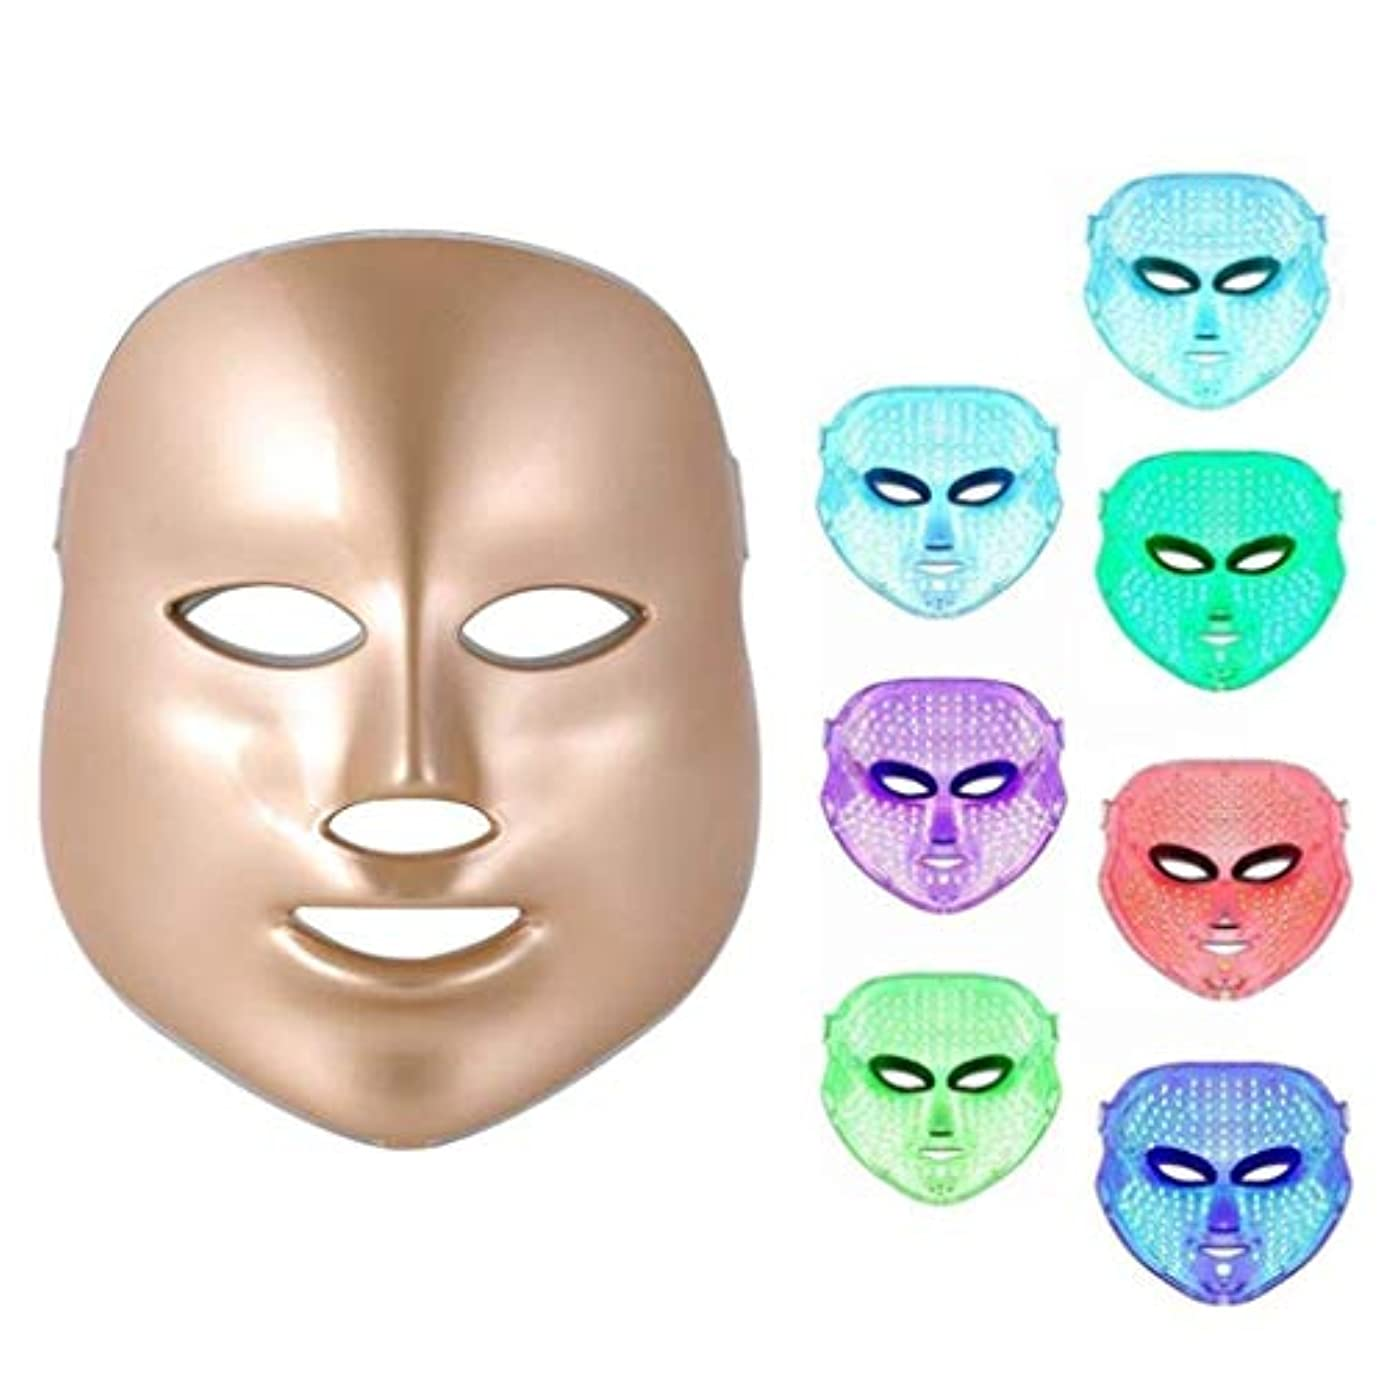 誓い腹痛アルファベット順Sooger LEDマスク 7色Ledフォトマスク LEDマスク アンチエイジング若返りマシンスパ機器を白くするにきびスポットしわ にきび 斑点 にきび 肌のシミSPA女性 フェイシャルスキンケア、アンチエイジングビューティー Golden ゴールド Led マスク